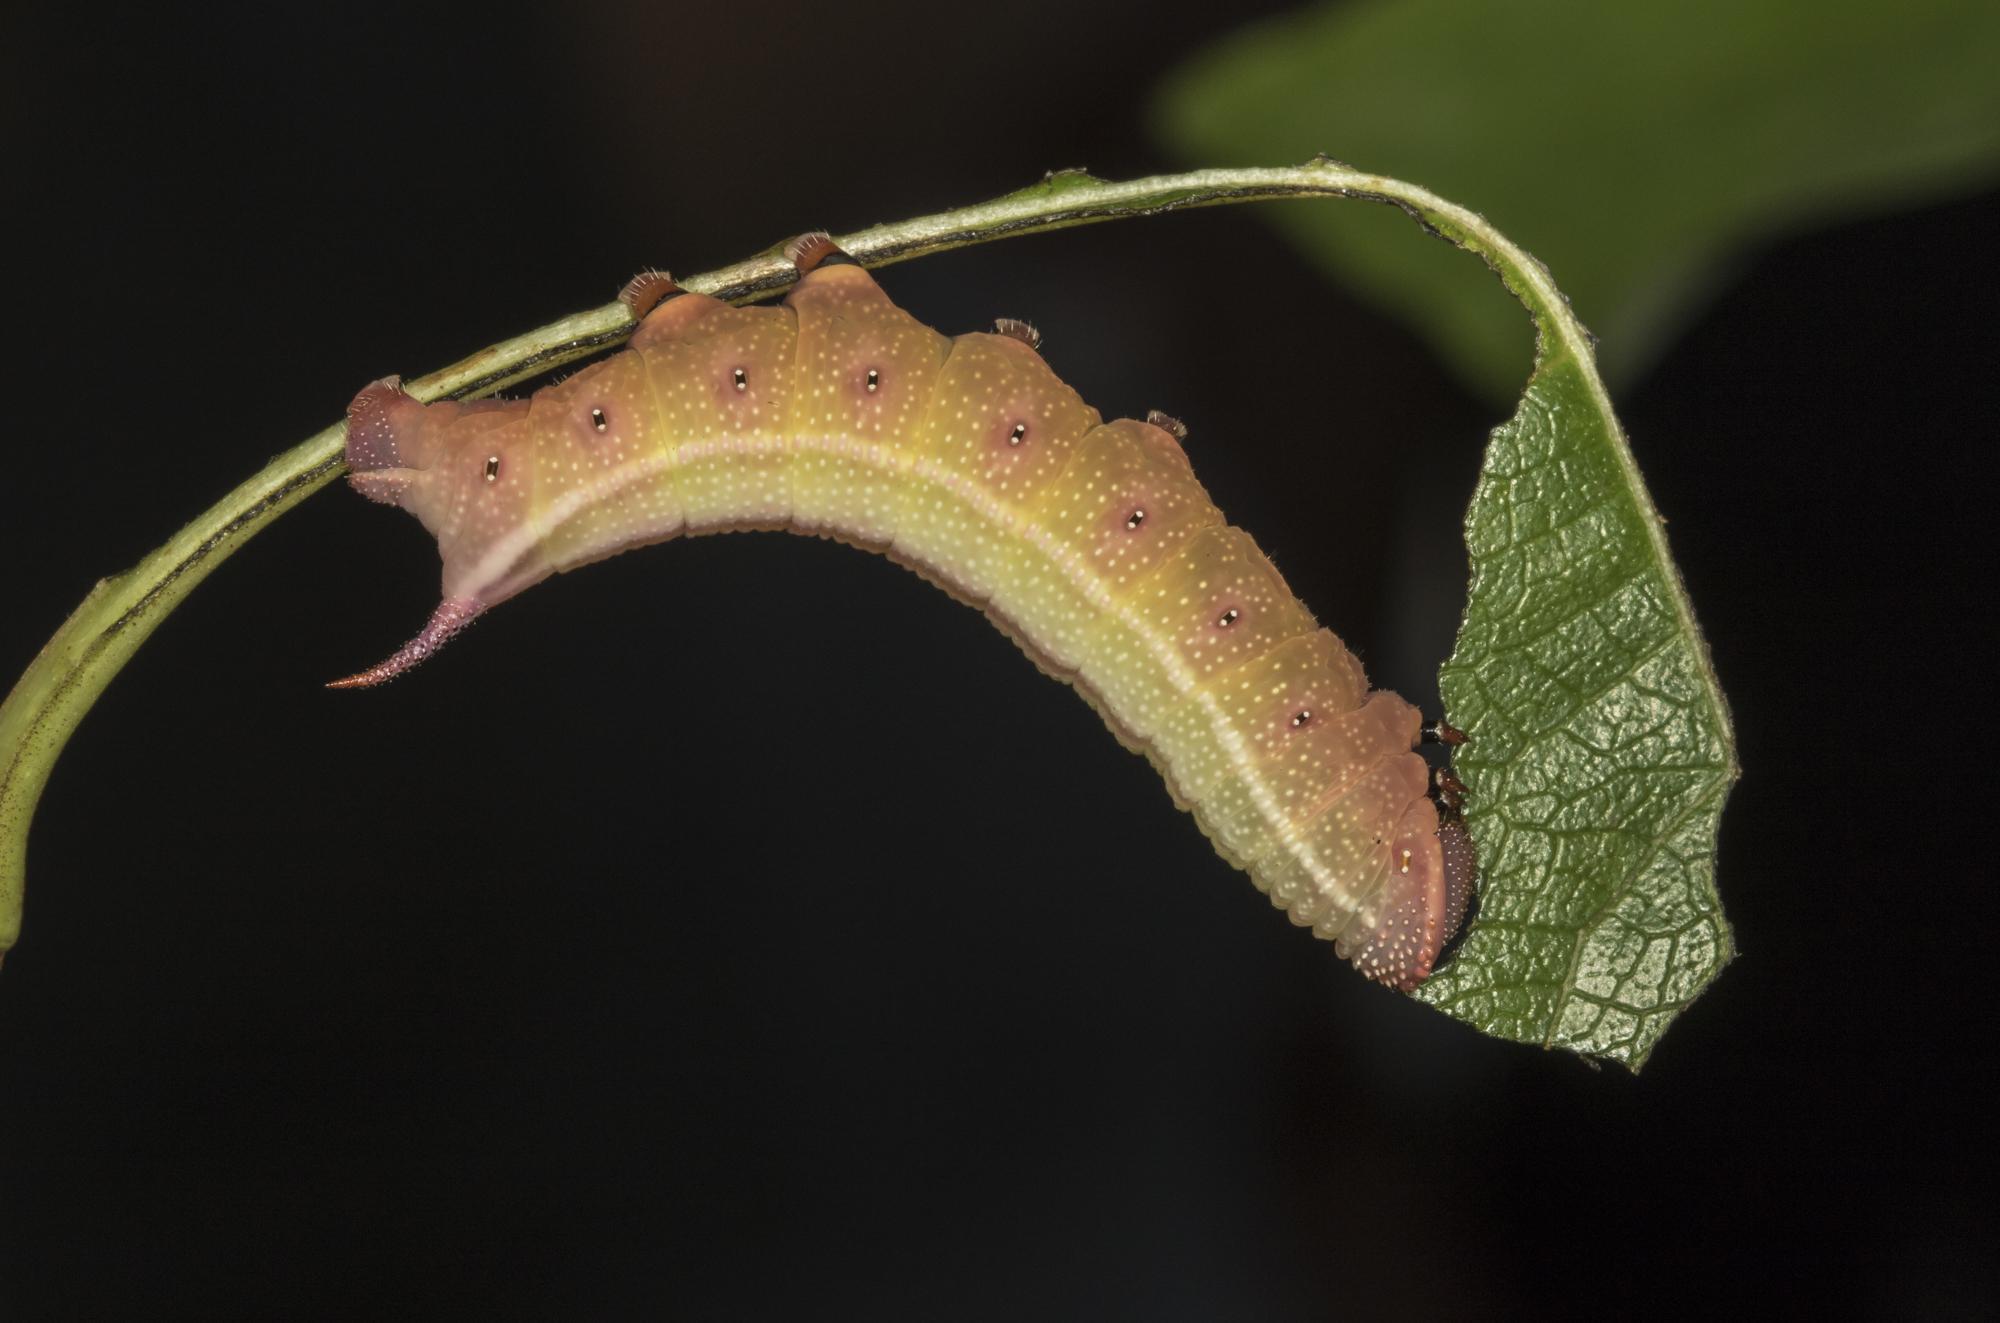 Hummingbird sphinx larva